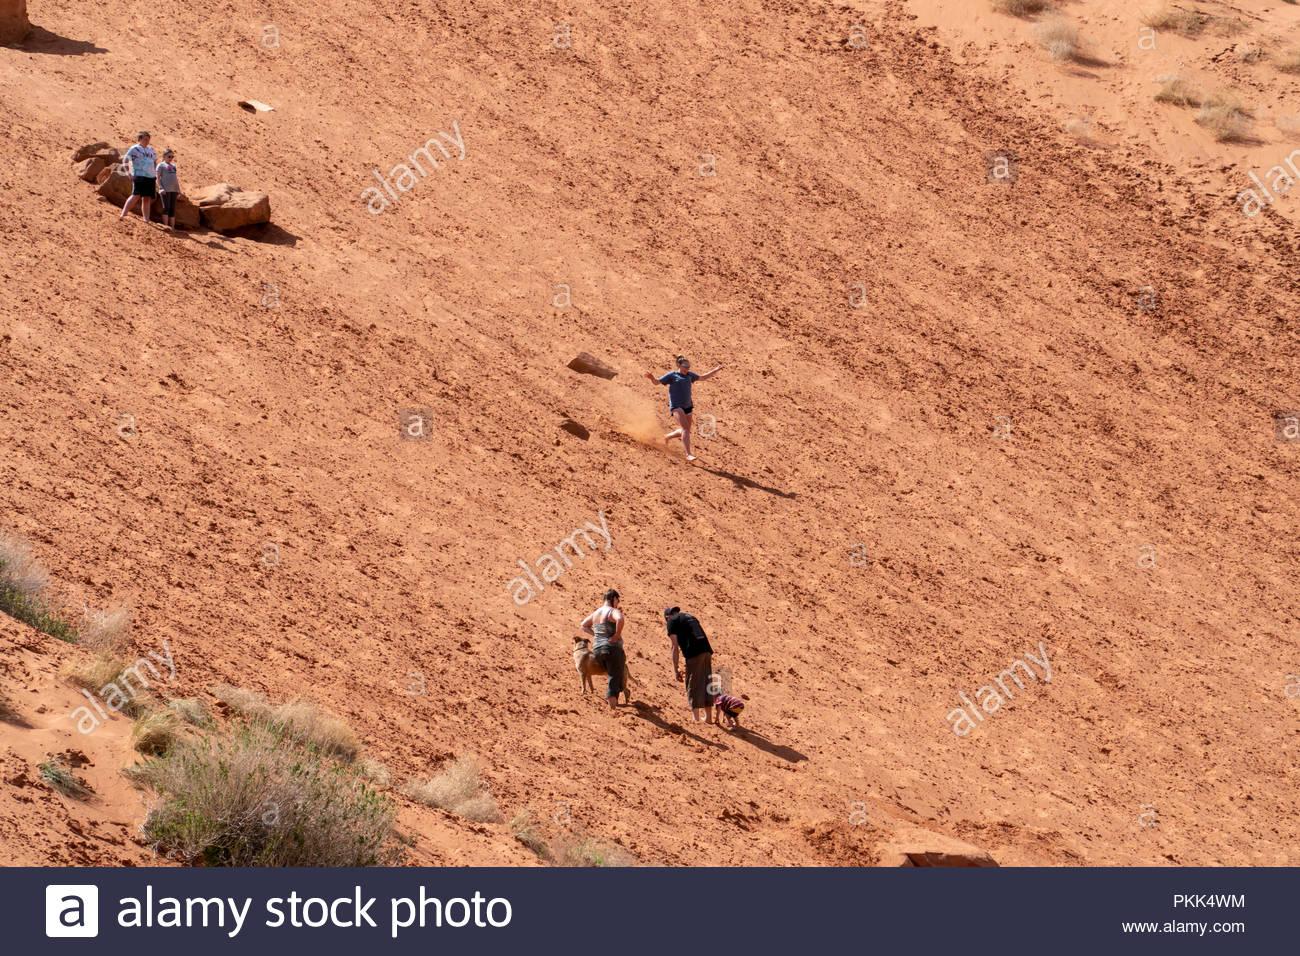 Una joven mujer corre de bruces una gran montaña de arena justo en las afueras de Moab, Utah, EE.UU. Imagen De Stock